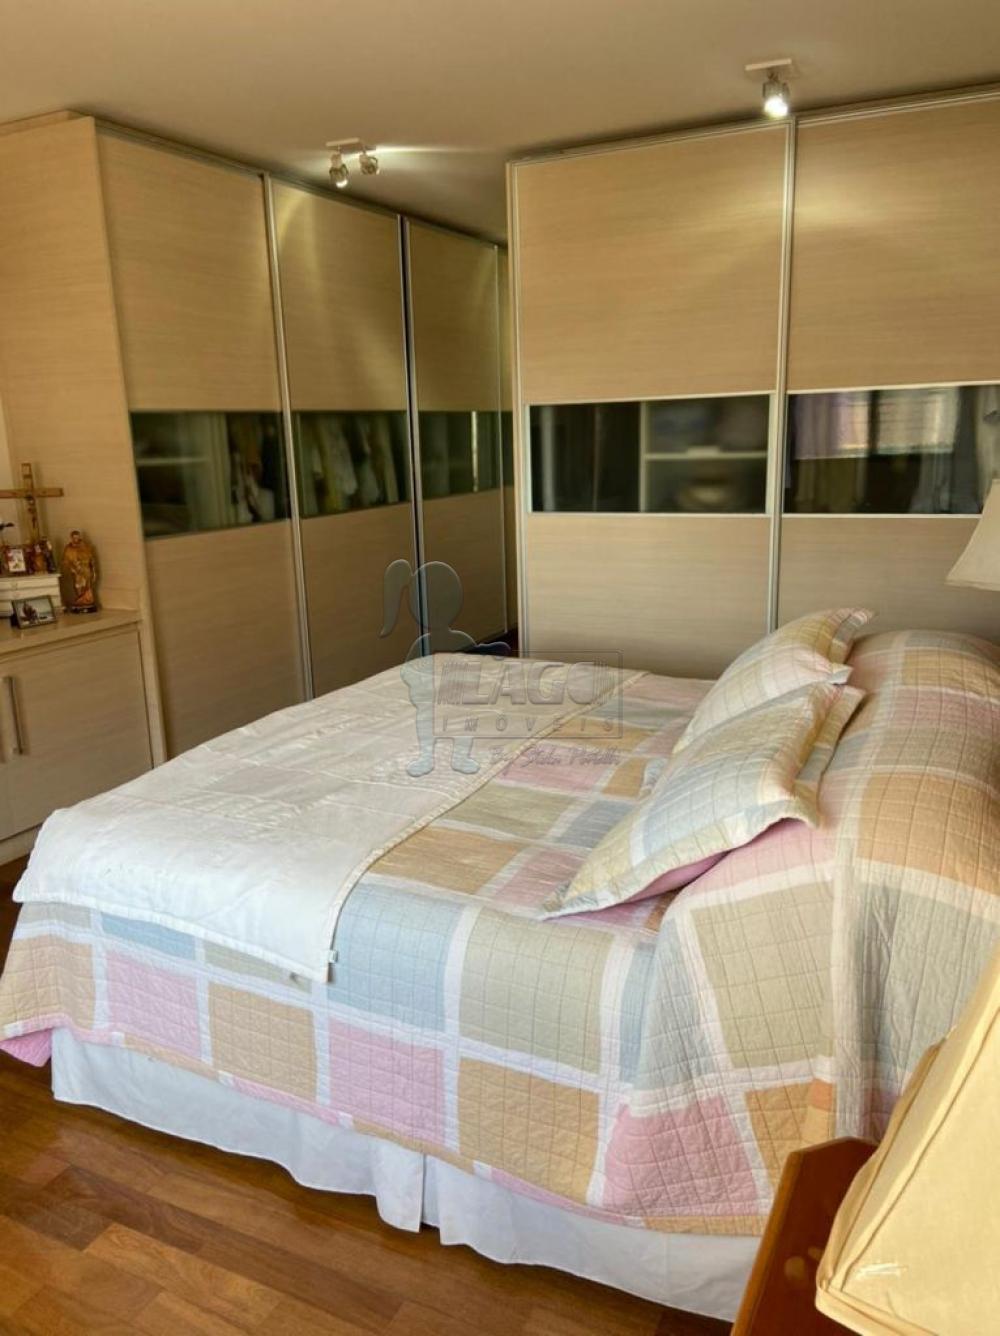 Comprar Apartamento / Padrão em Ribeirão Preto R$ 1.300.000,00 - Foto 8